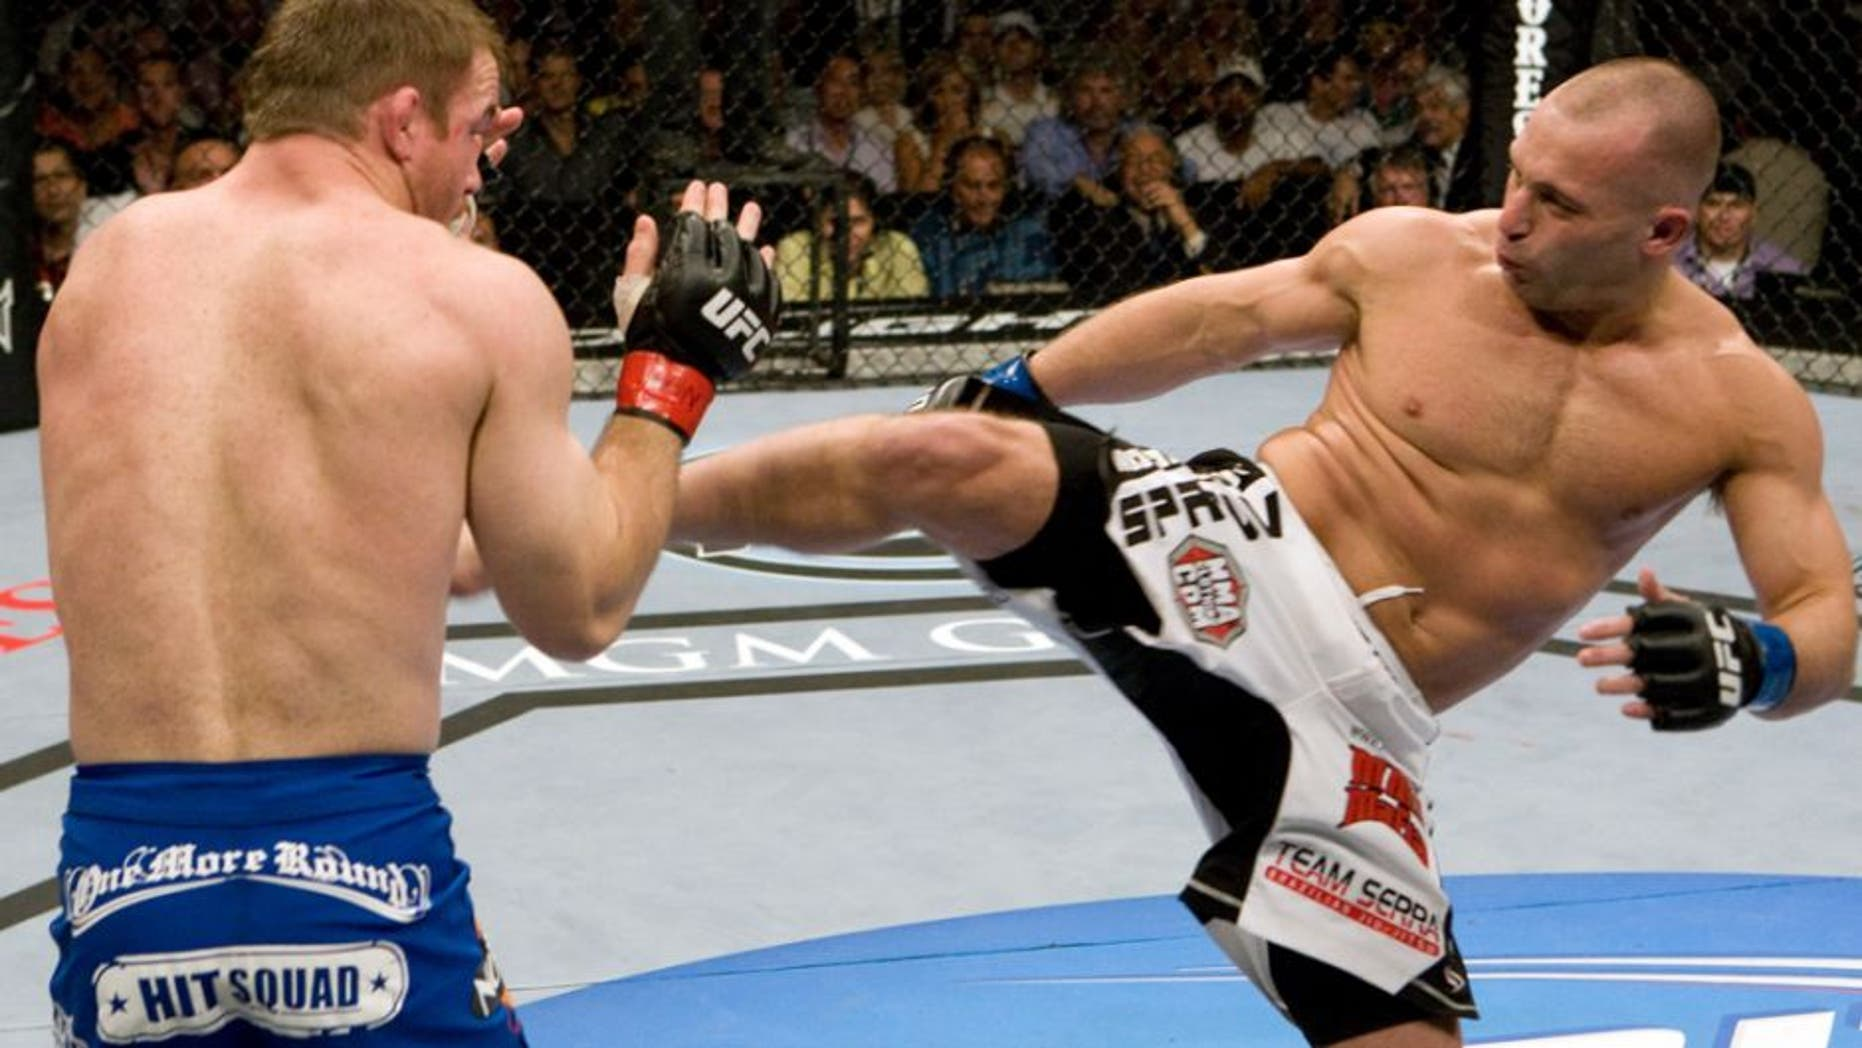 Matt Serra on fighting Matt Hughes again: 'Let's do it!'